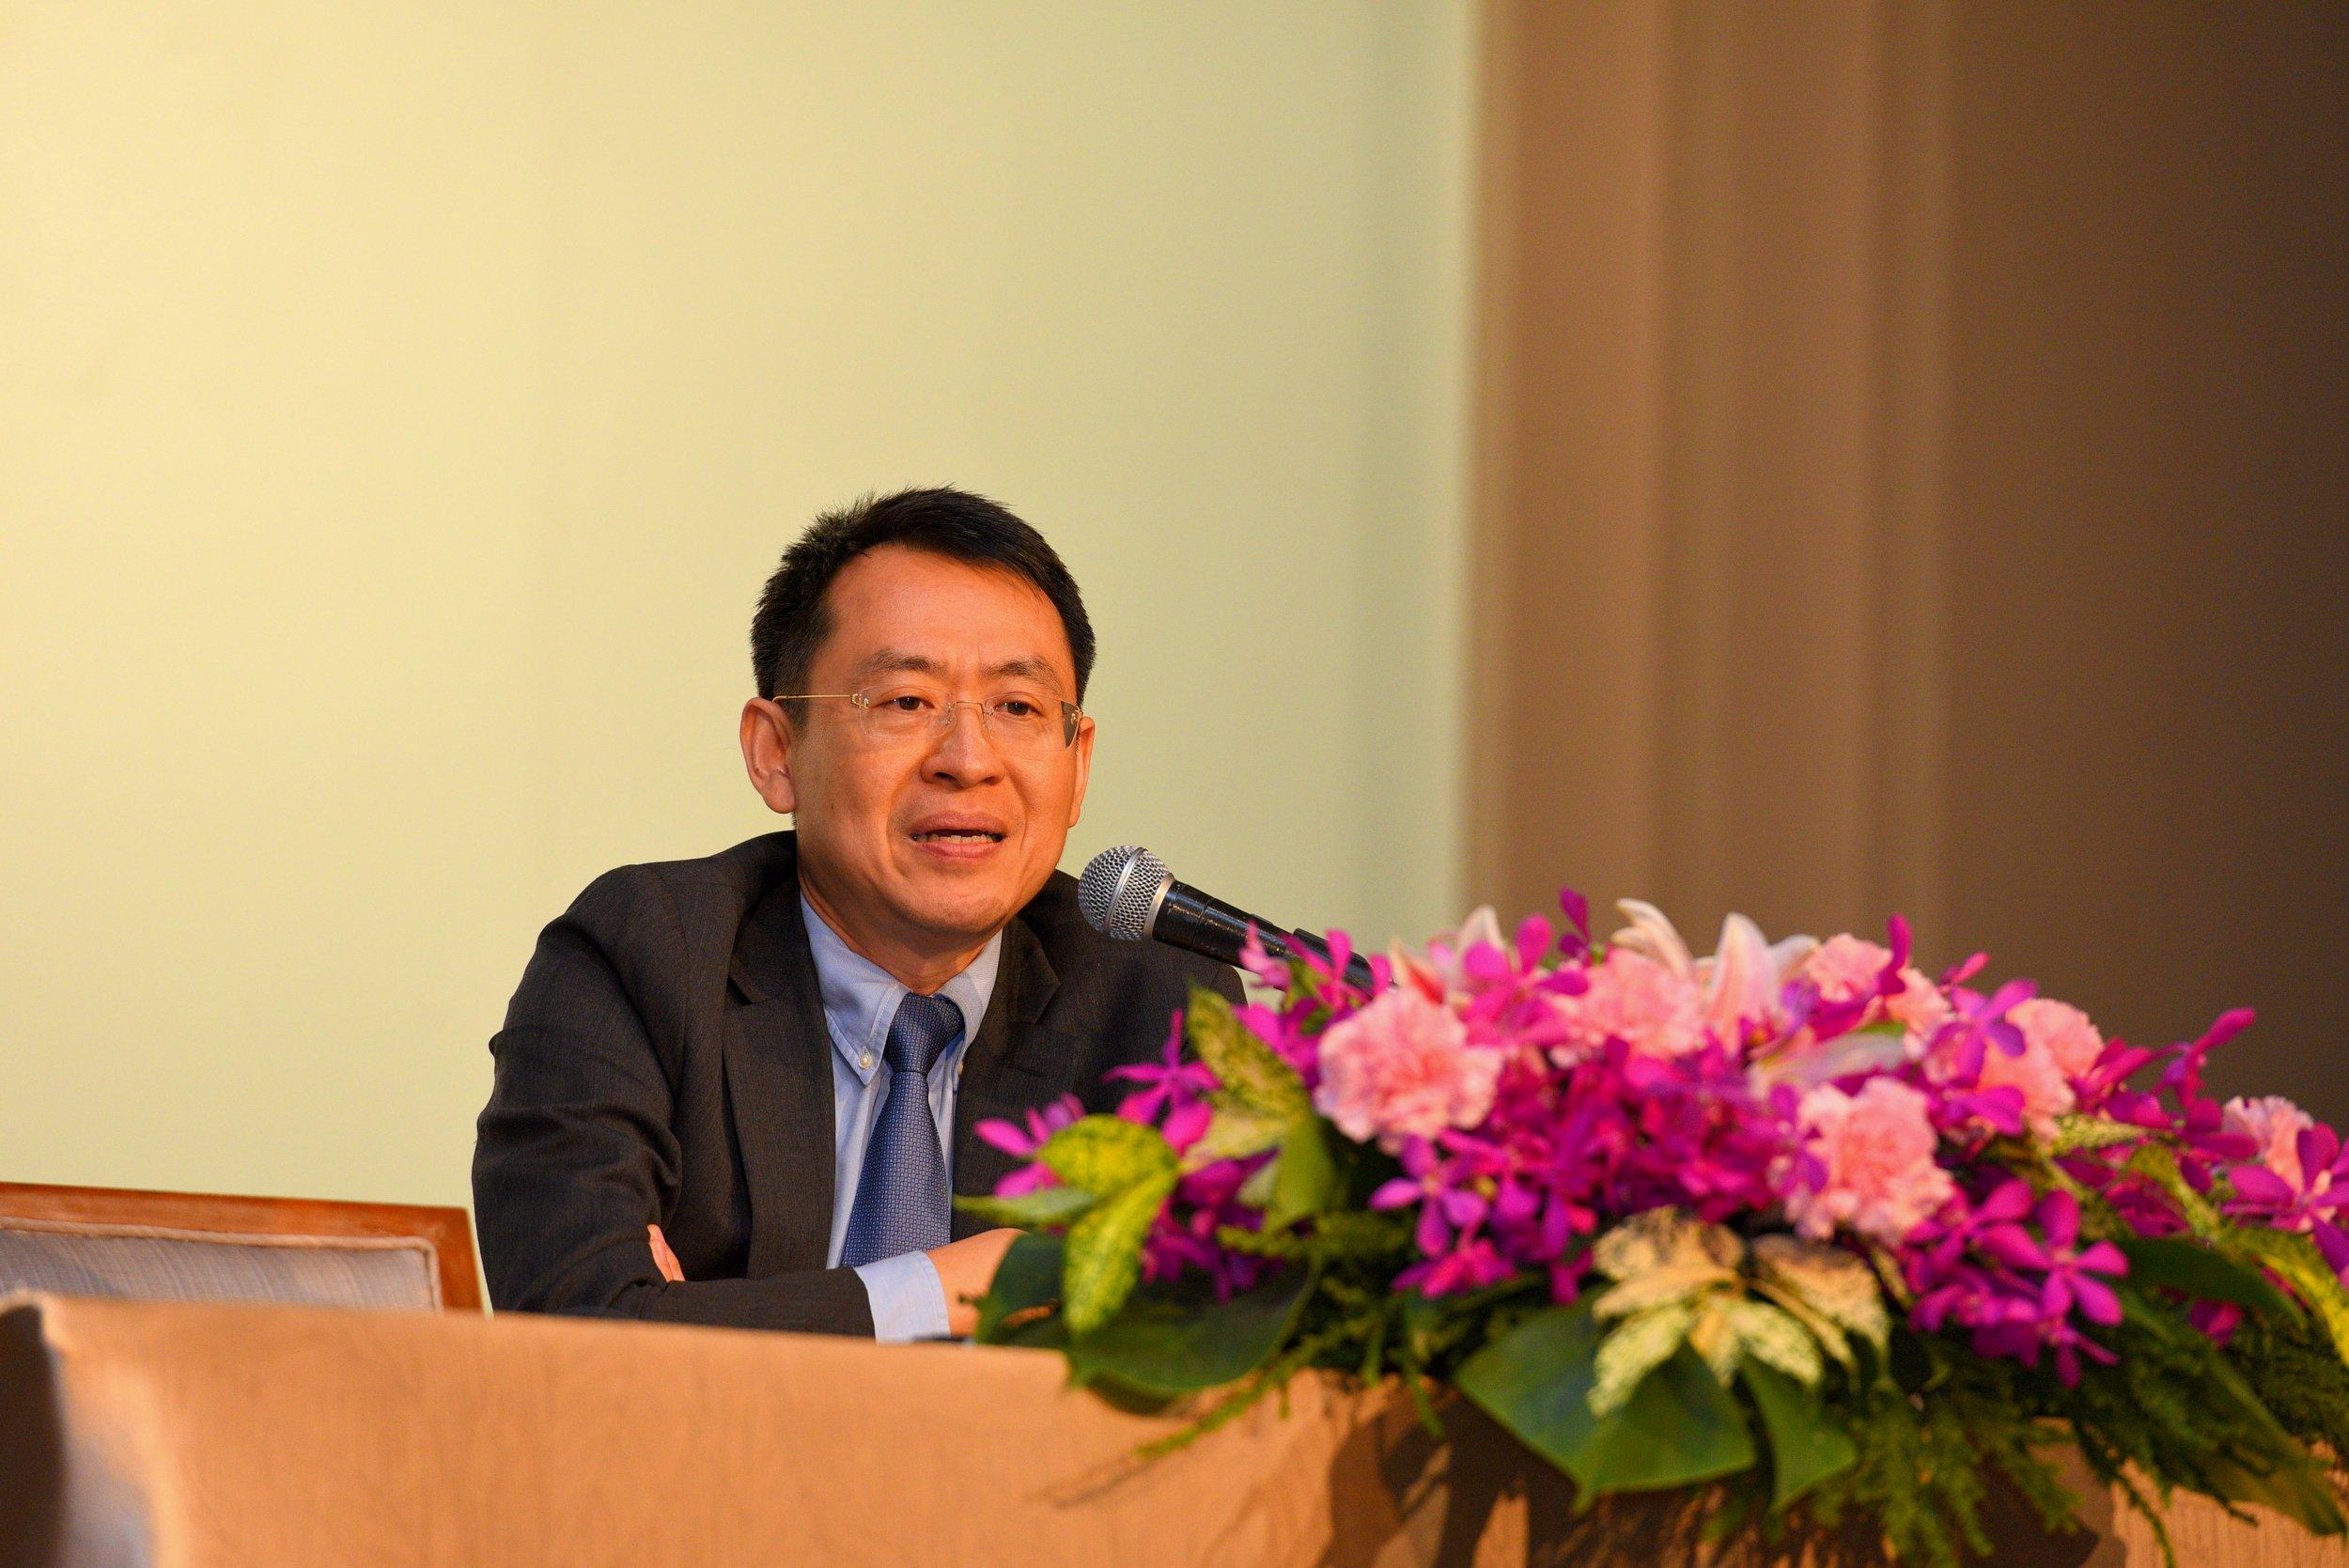 สร้าง 'พยาบาล' สู่นักจัดการสุขภาพผู้สูงอายุระยะยาว thaihealth